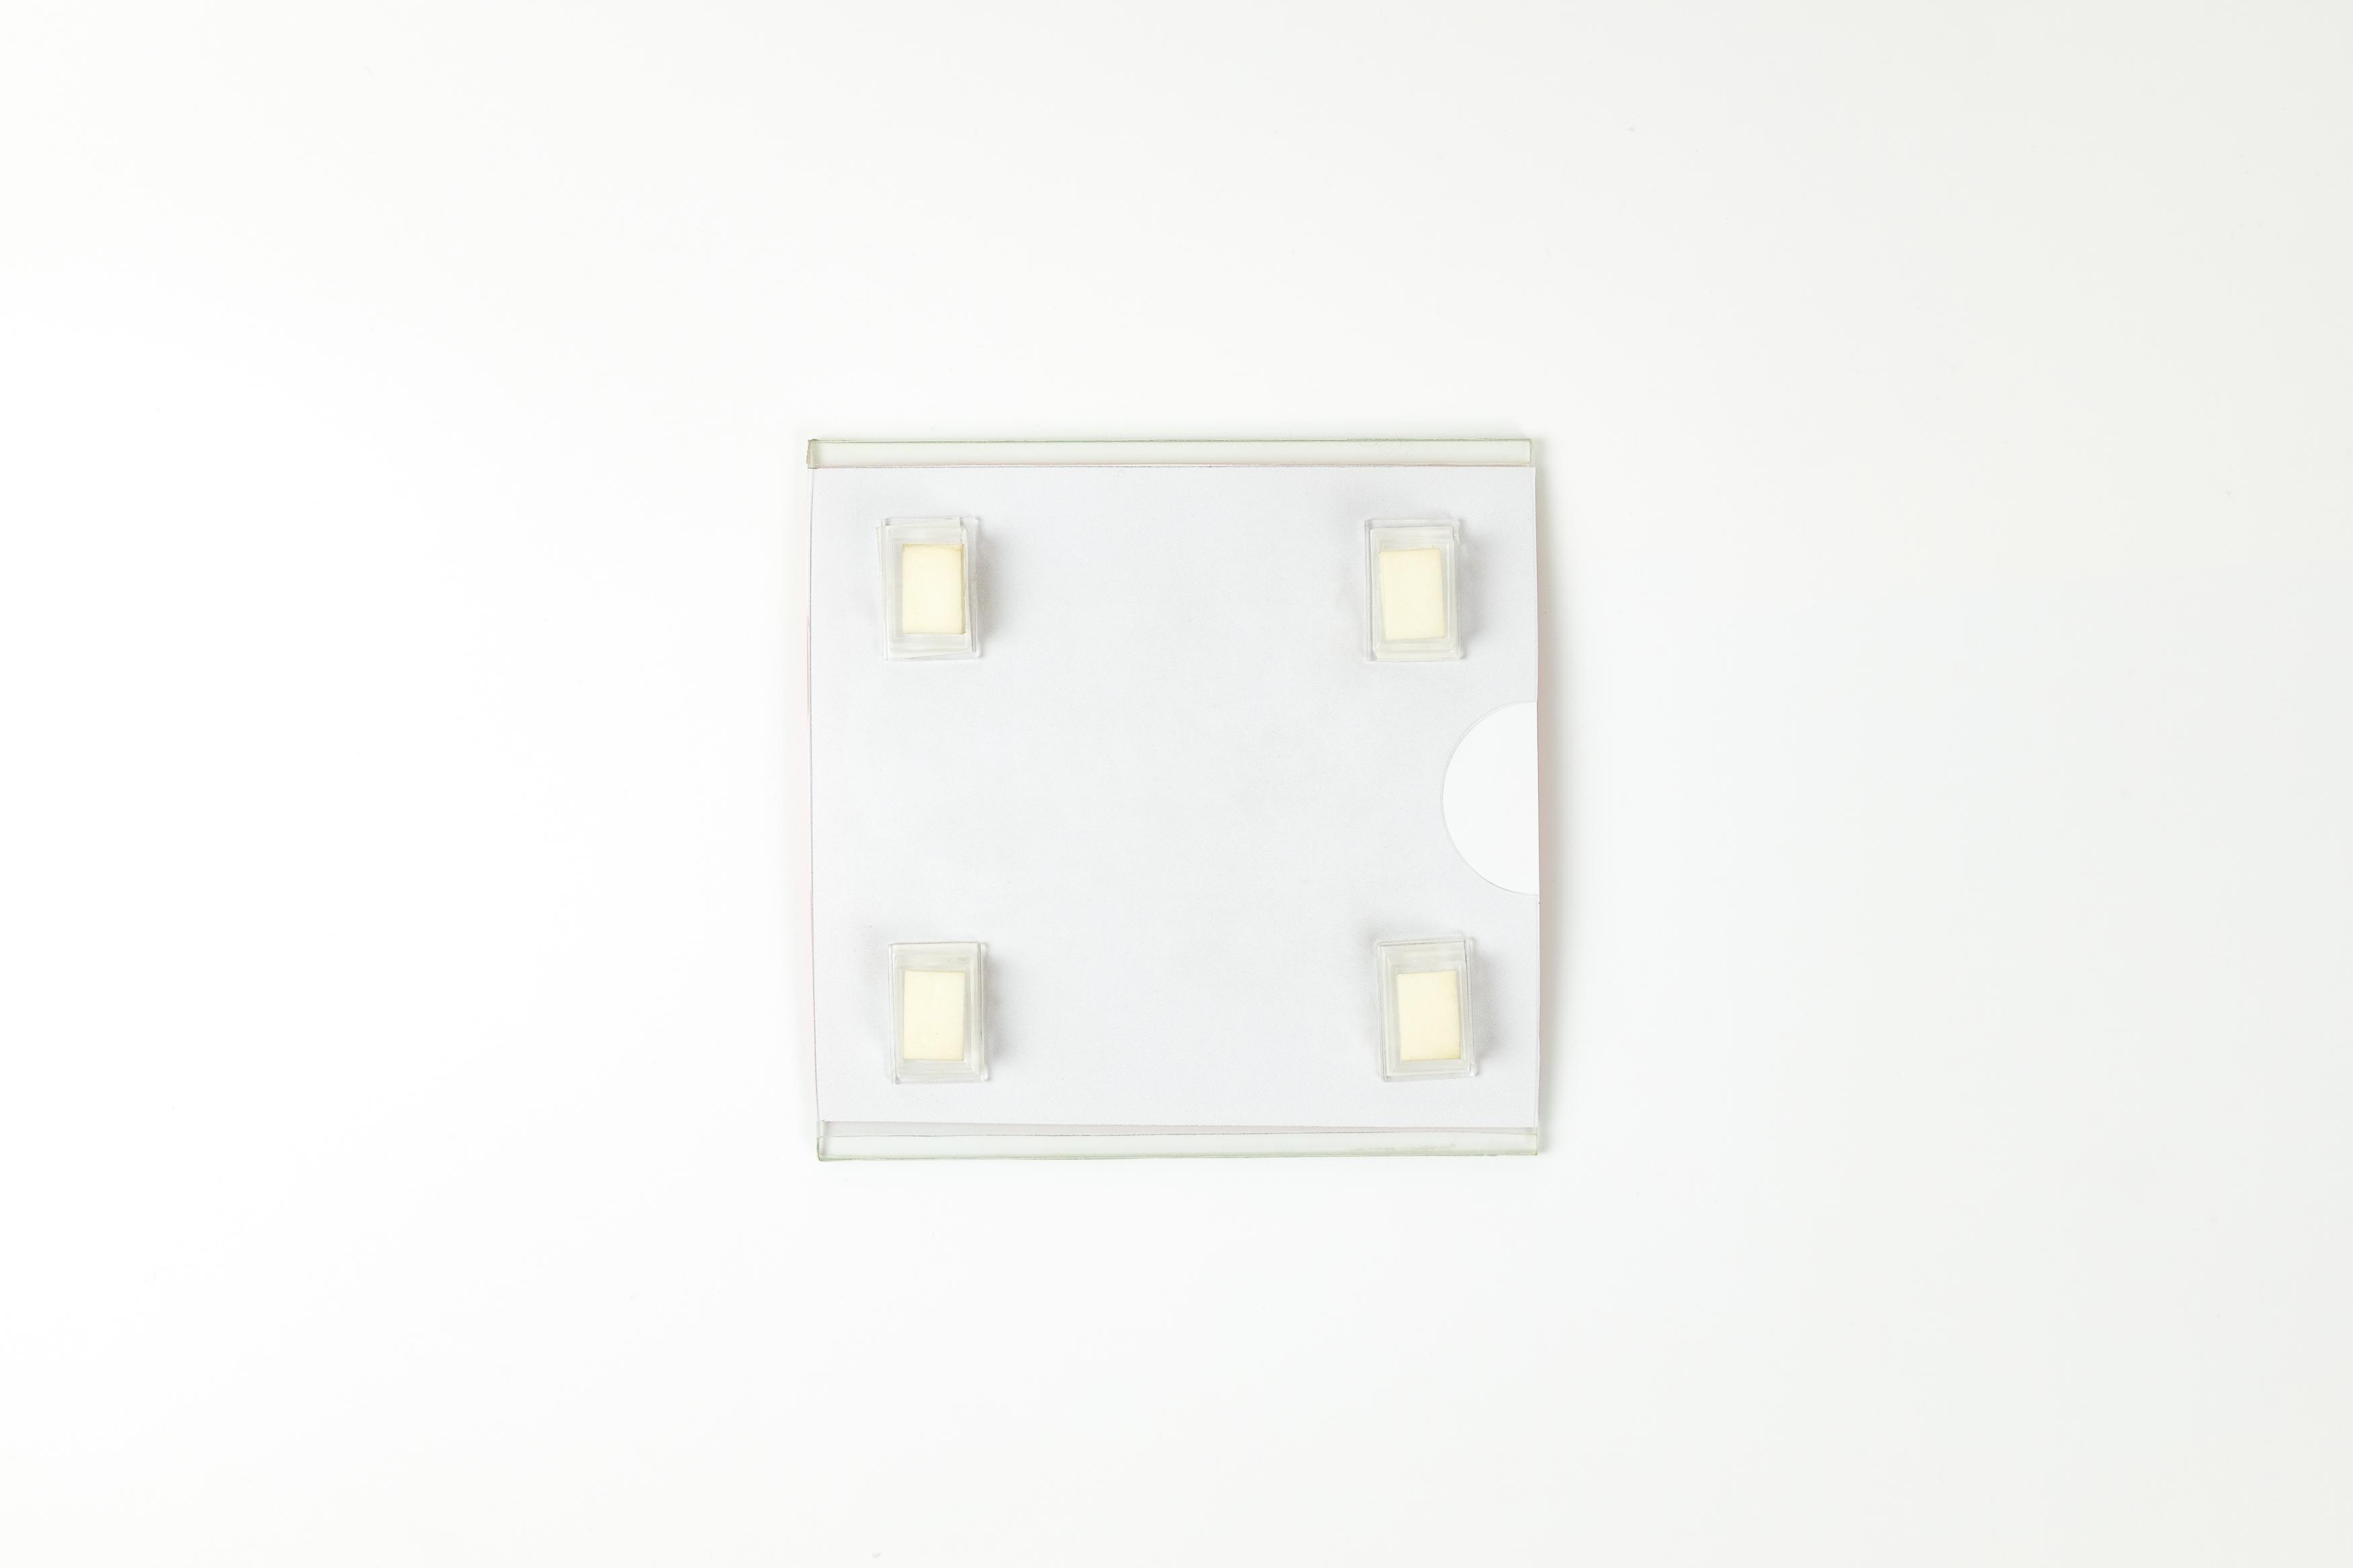 Монетница стеклянная Cristal CLEAR I фото 3 (1)